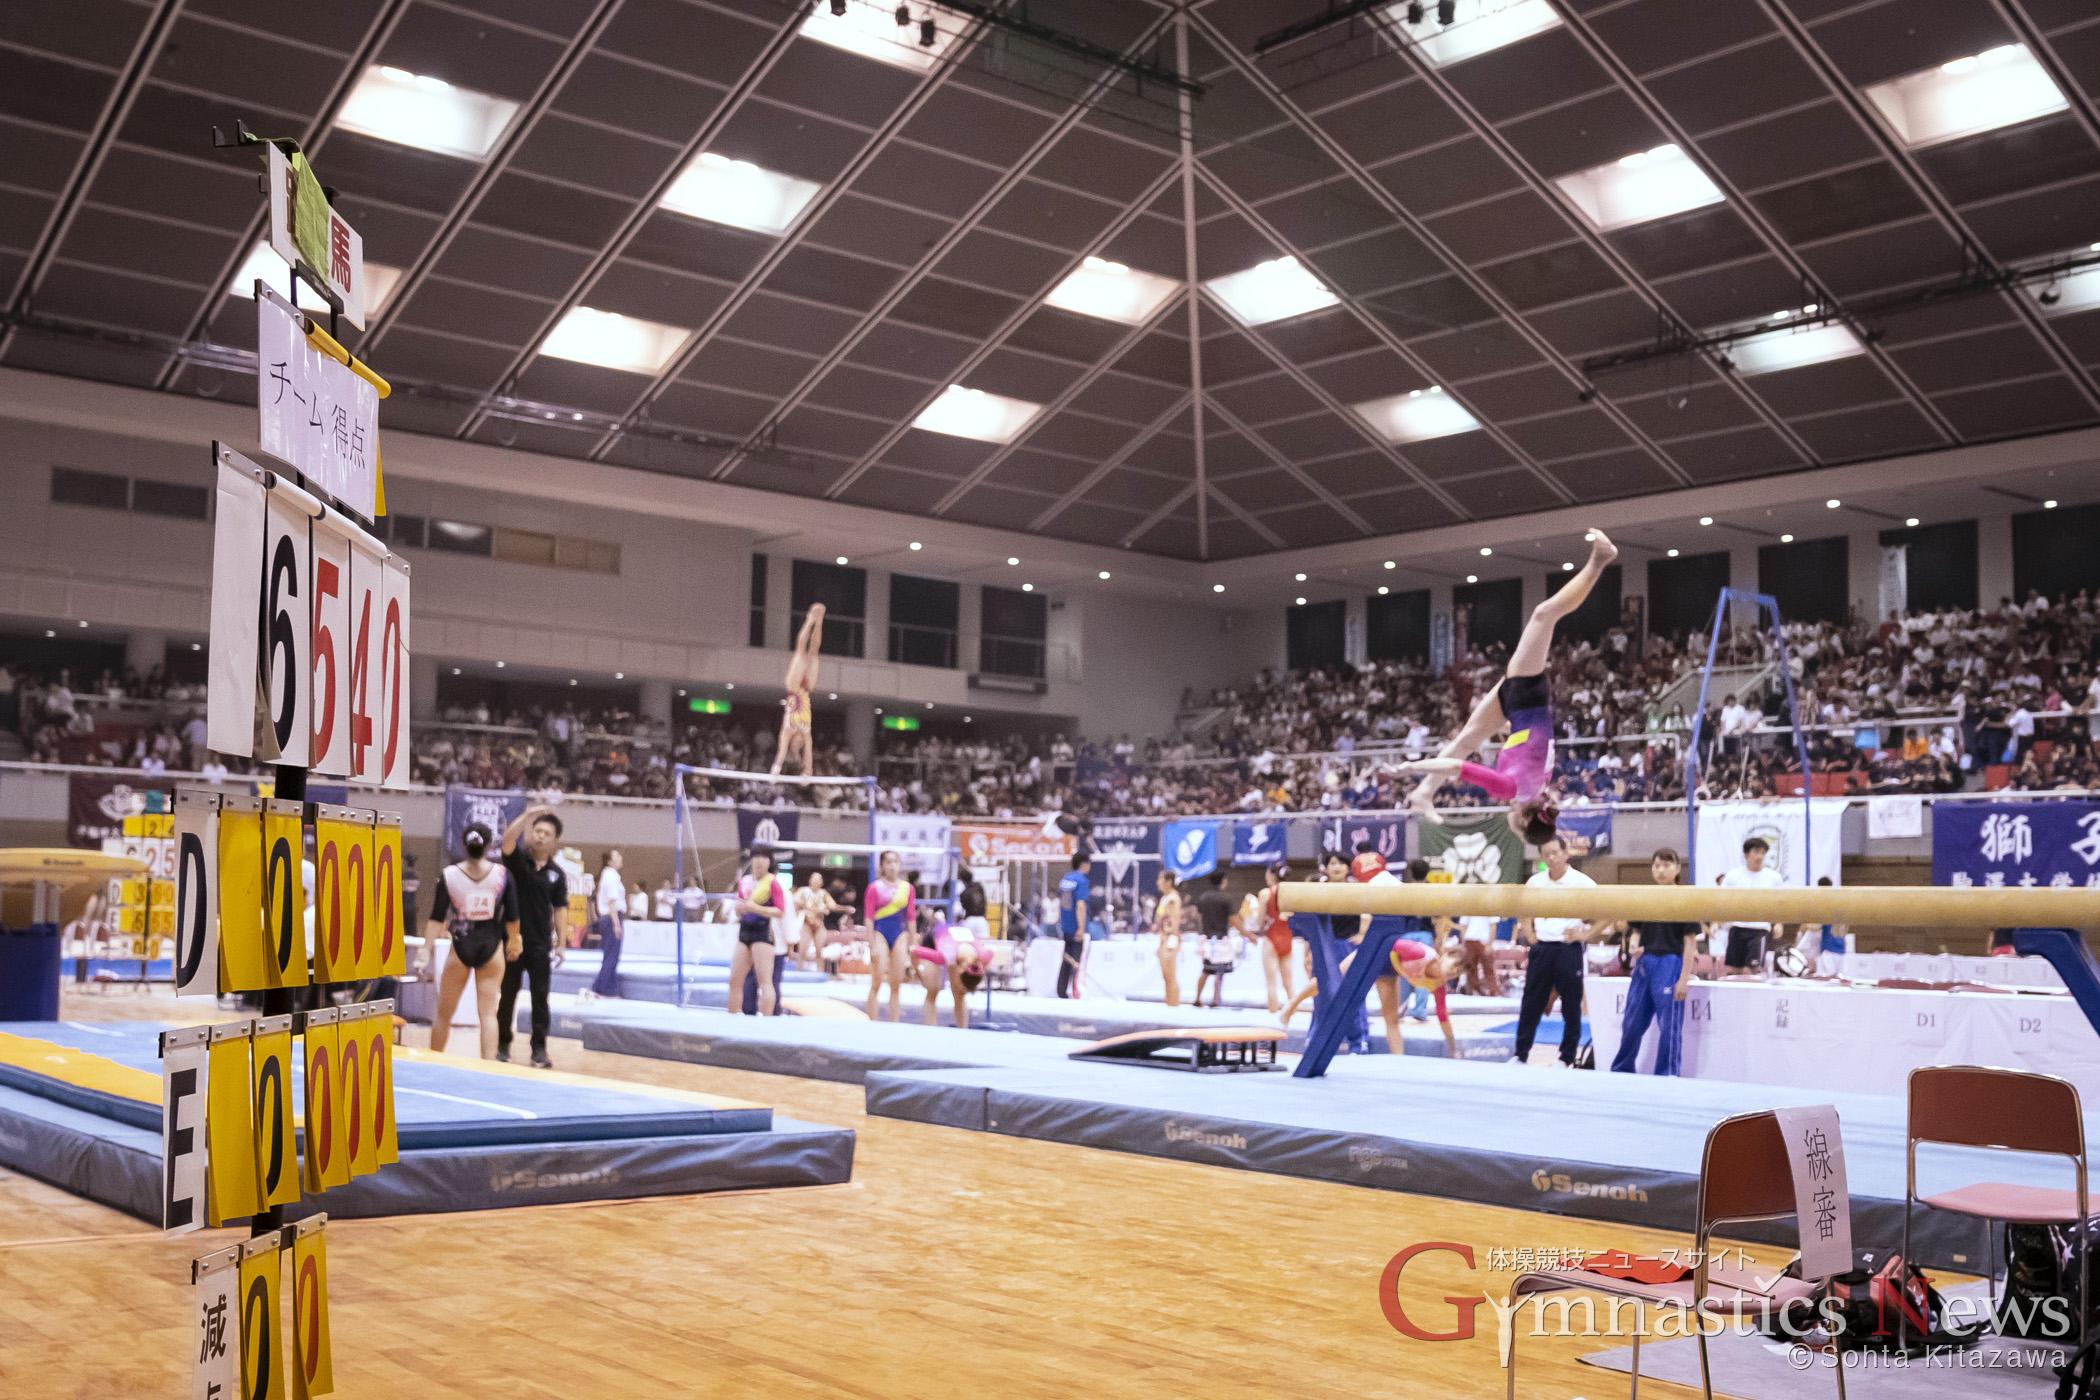 第72回全日本学生体操競技選手権大会 2018 ベイコム総合体育館